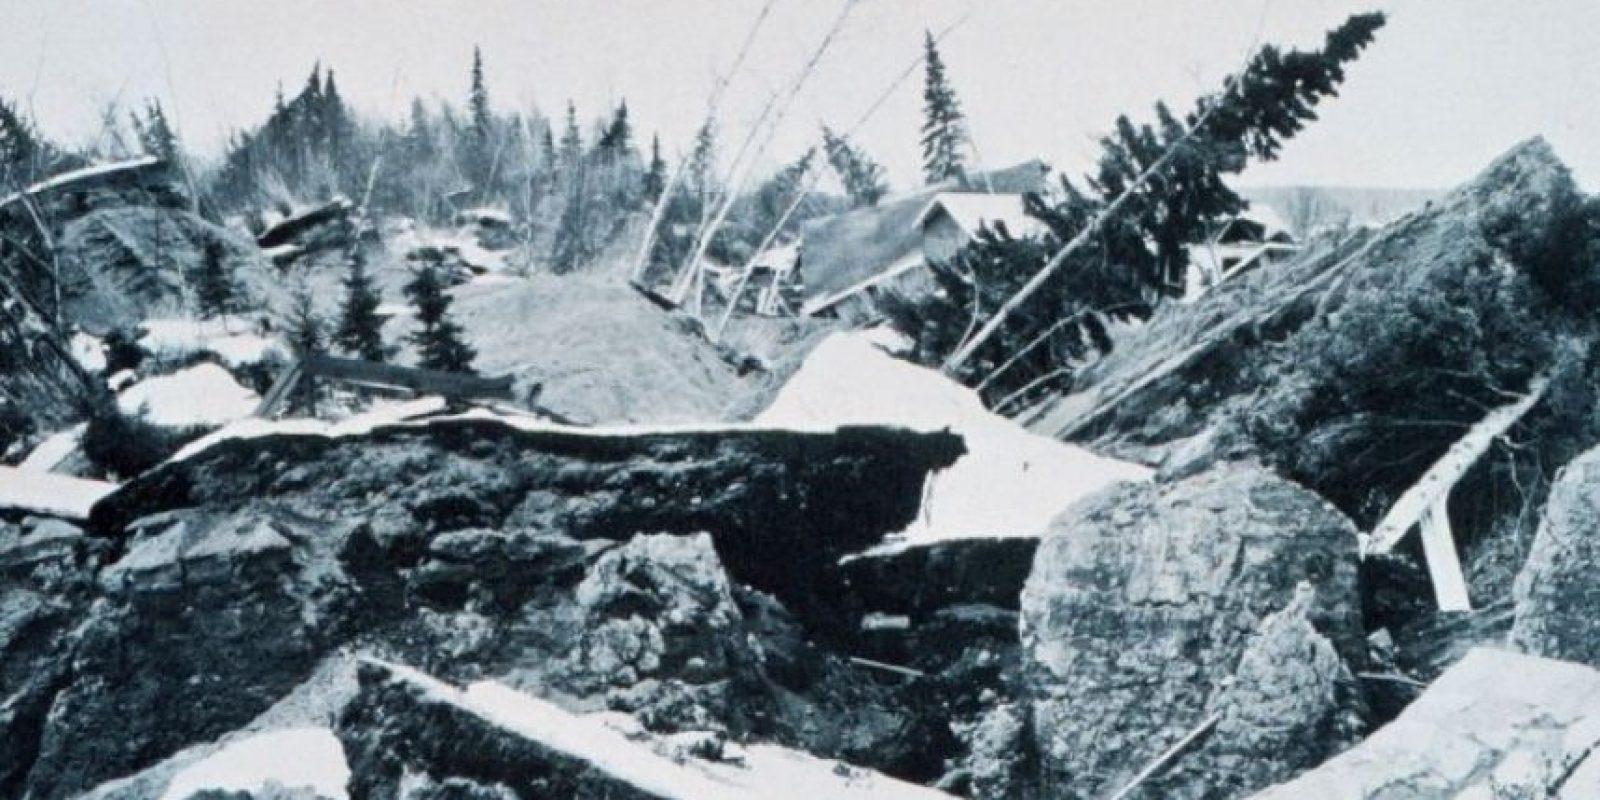 2. 28 de marzo de 1964, Prince William Sound, Alaska: 9.2 fue la magnitud de este sismo que causó deslizamientos de tierra en Anchorage y levantó partes de las islas periféricas de hasta 11 metros Foto:Wikimedia